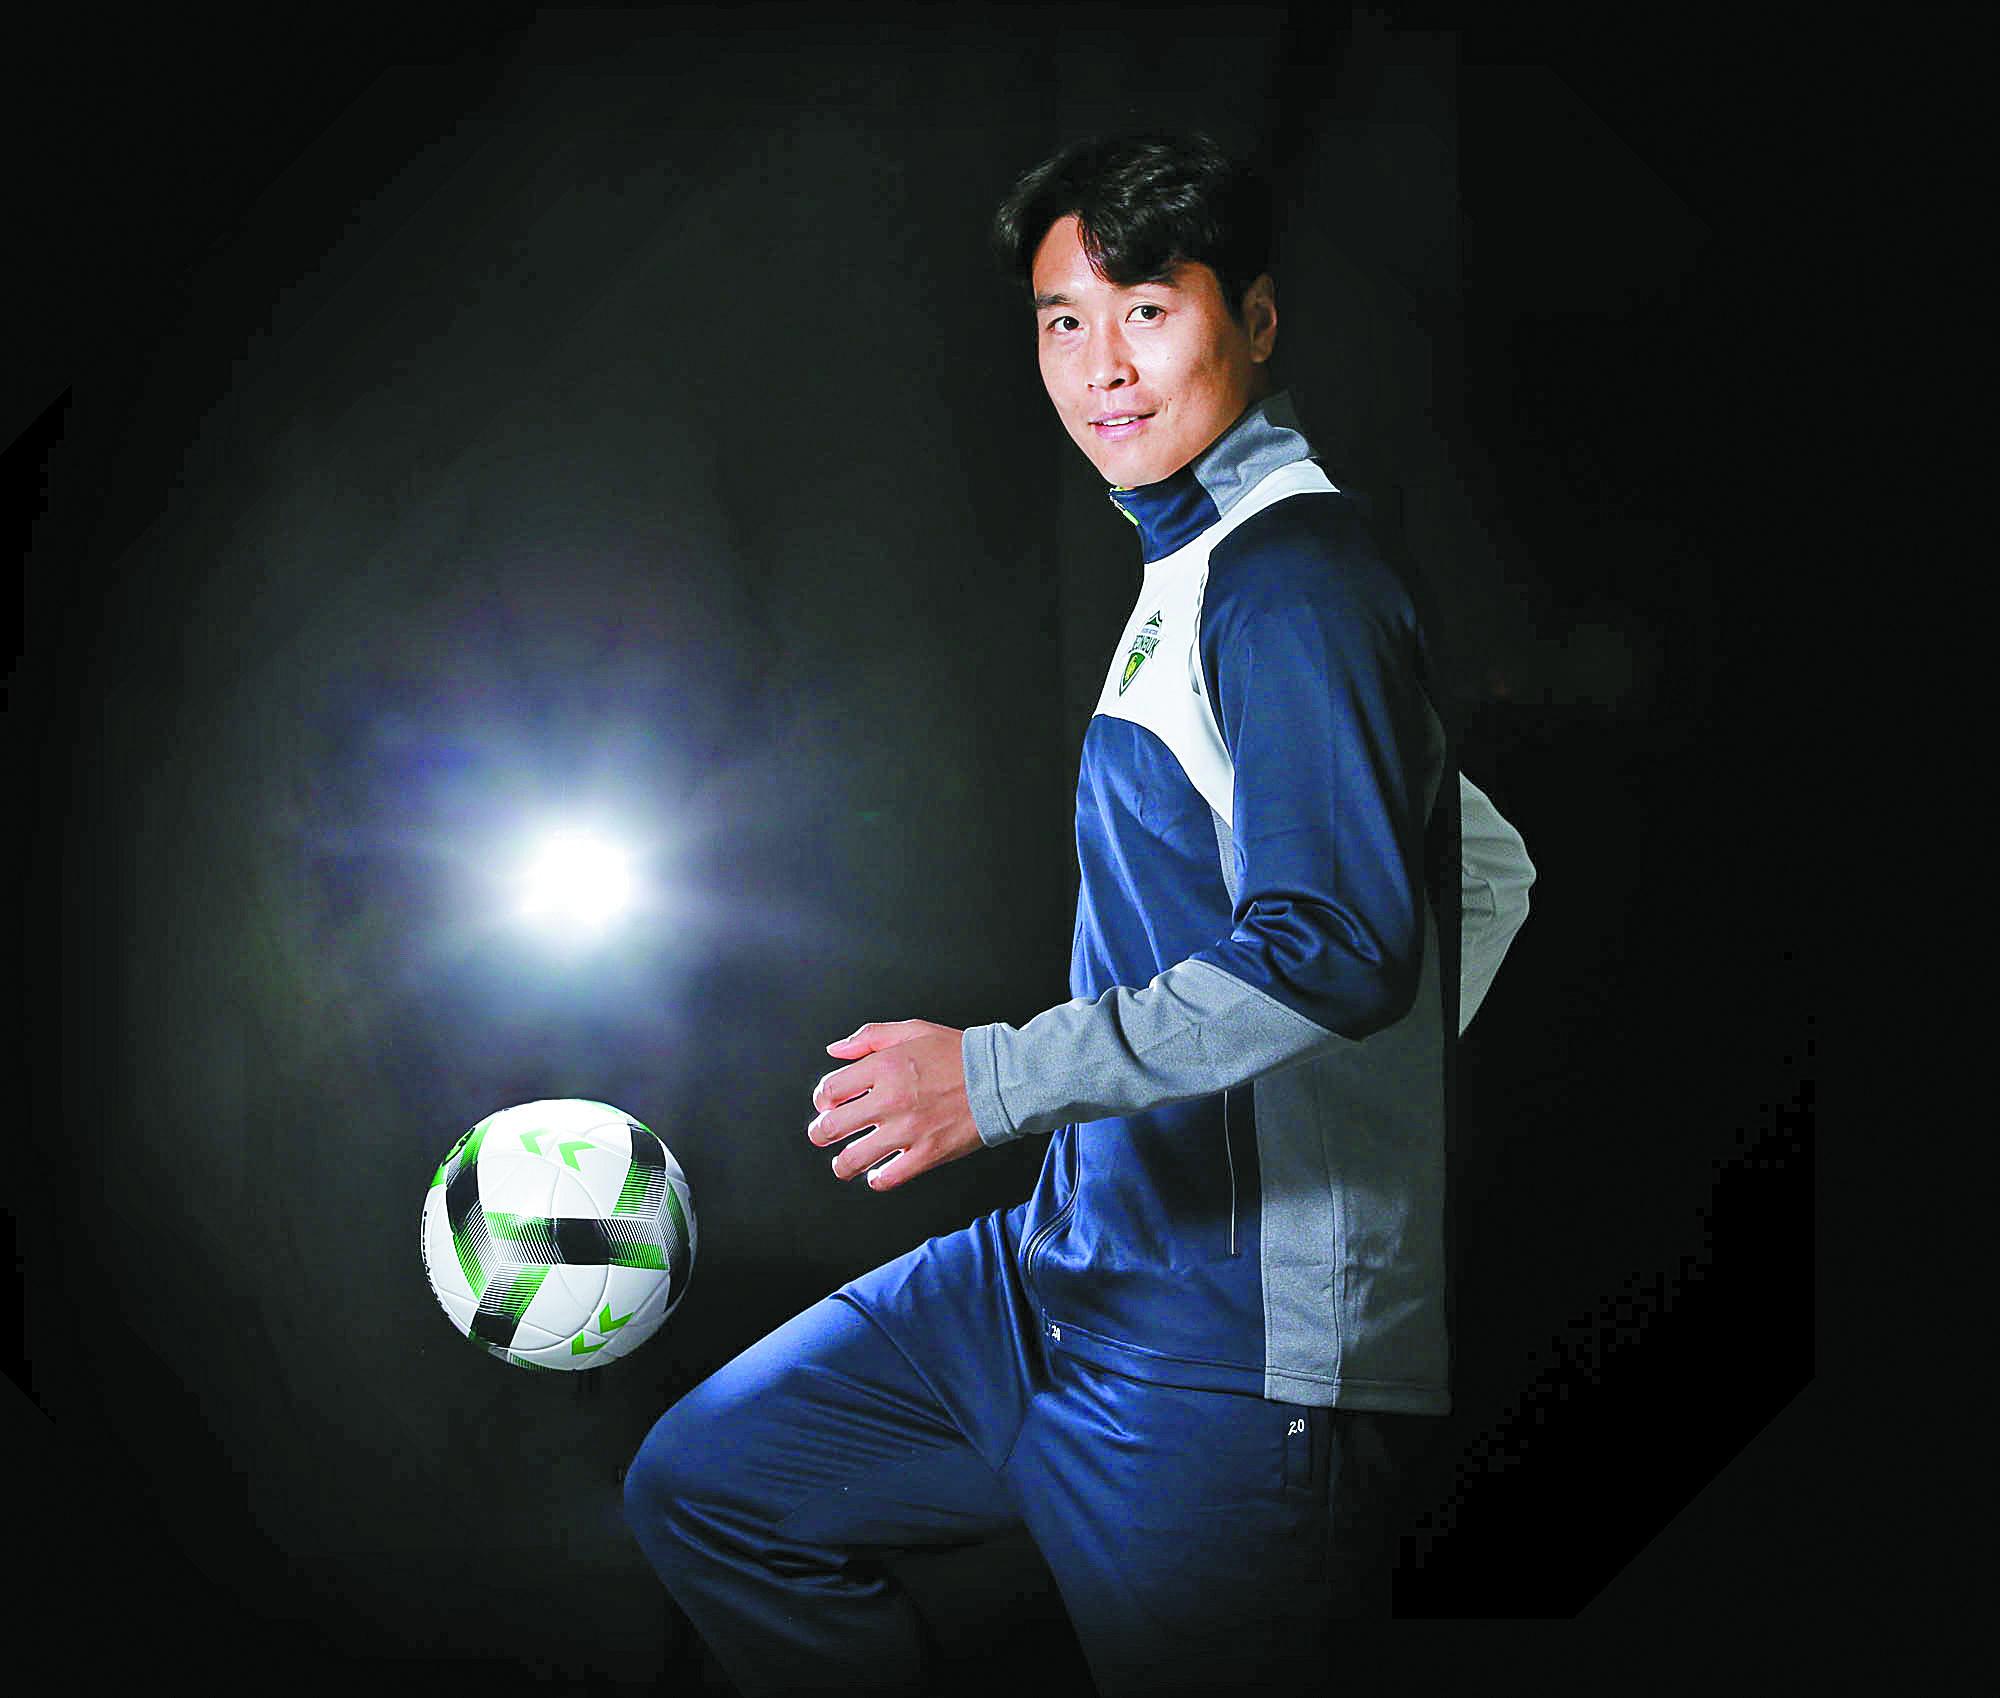 프로축구 37년 역사상 최고 선수 이동국. 23년간 프로생활을 접고 축구화를 벗는다. 프리랜서 장정필